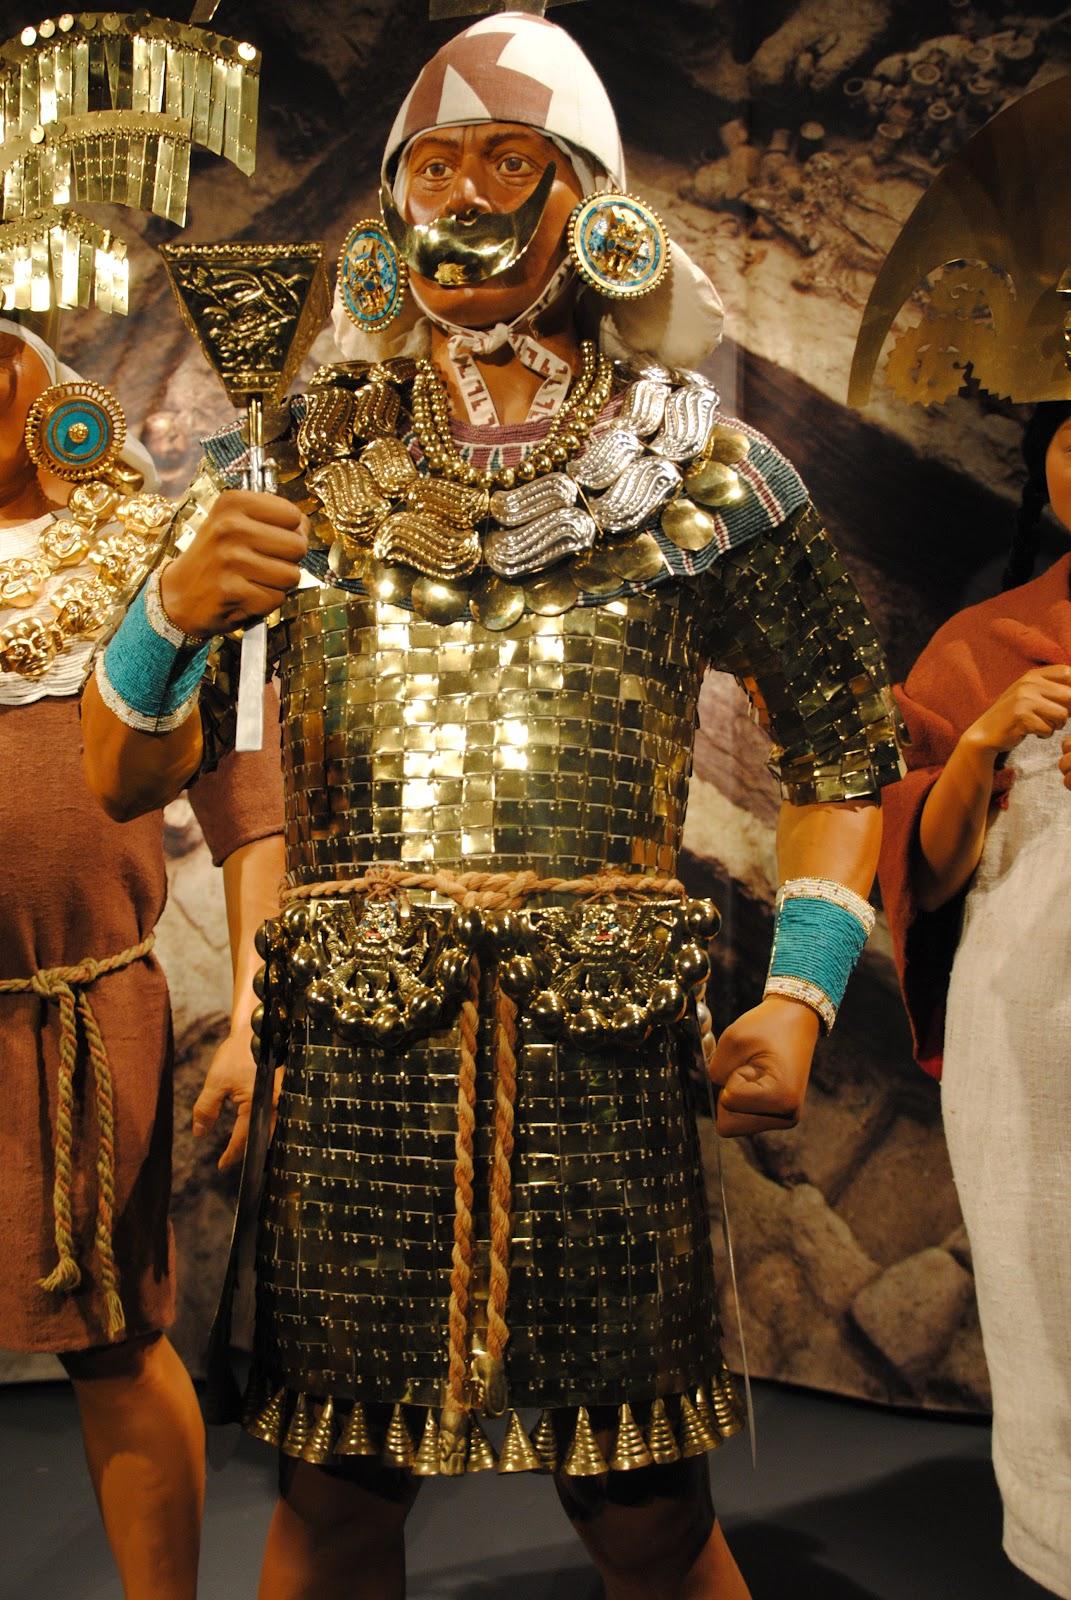 En Perú Creamos 32 Civilizaciones Cuando en Sudamérica Solo Había Tribus Cazadoras y Recolectoras